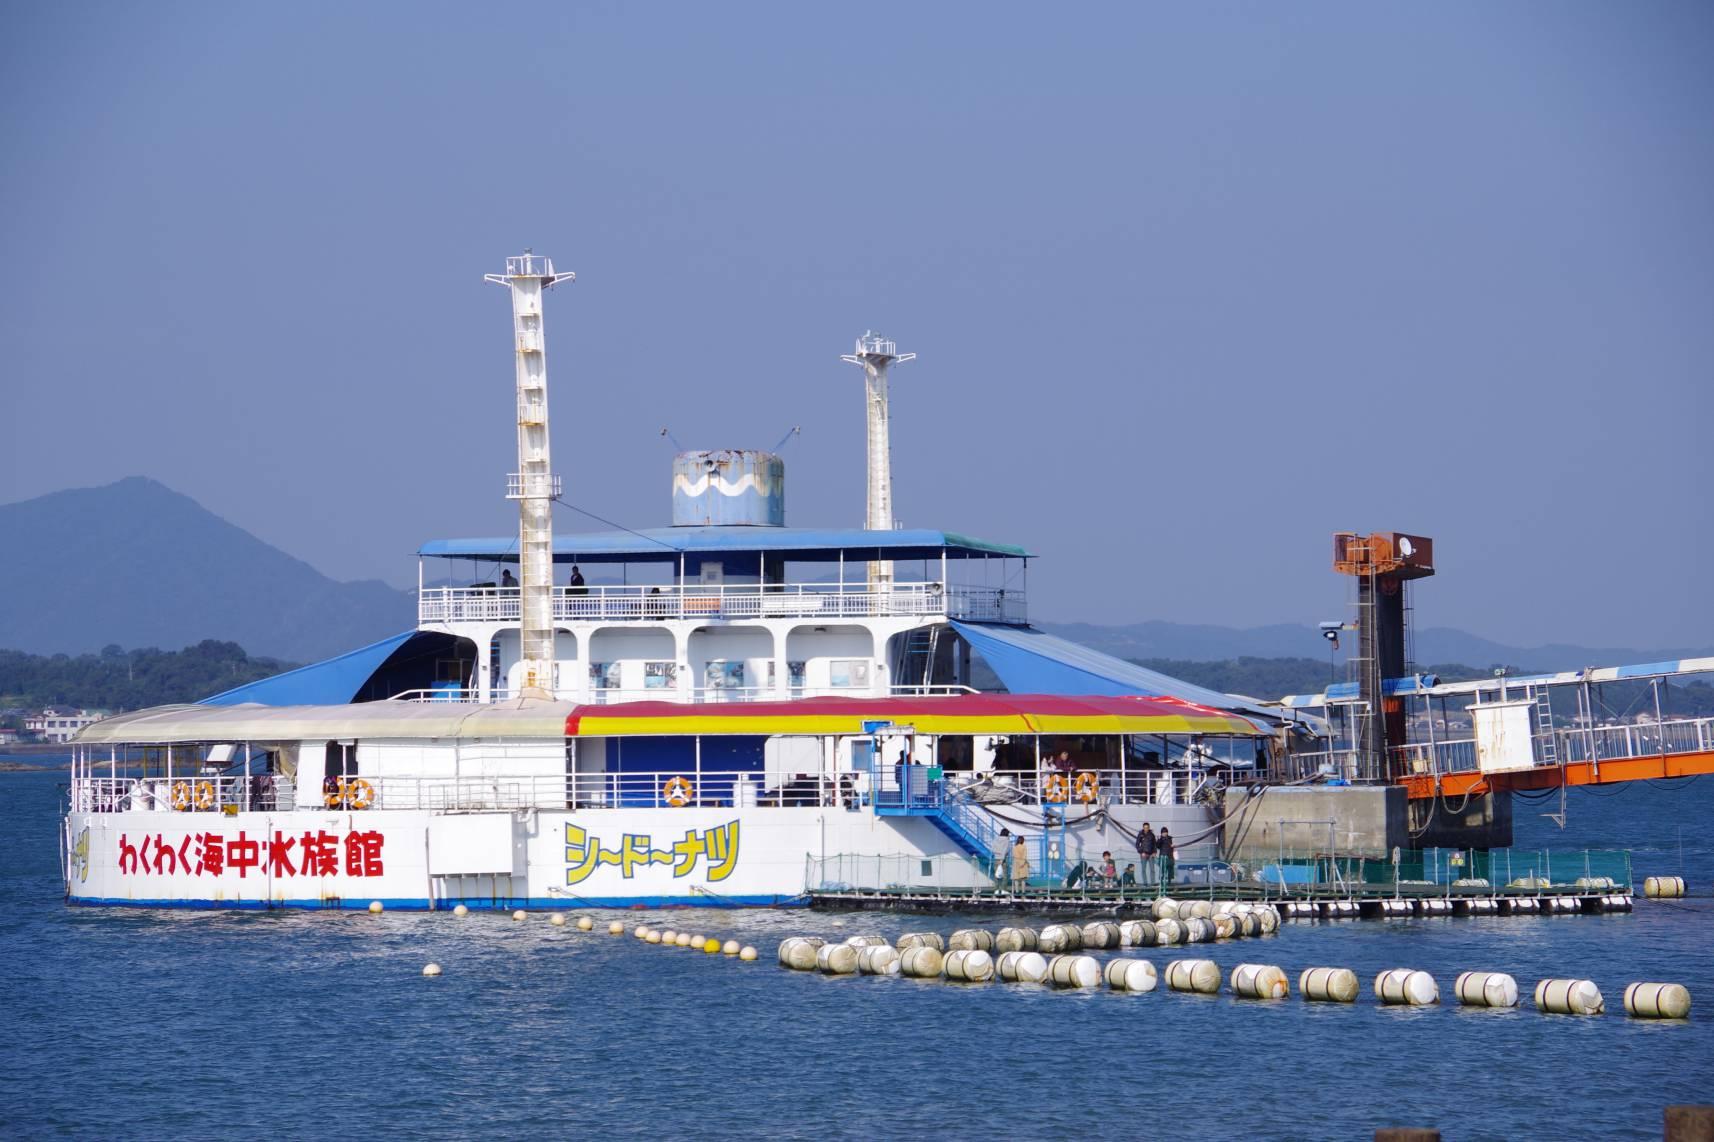 海中水族館シードーナツの外観